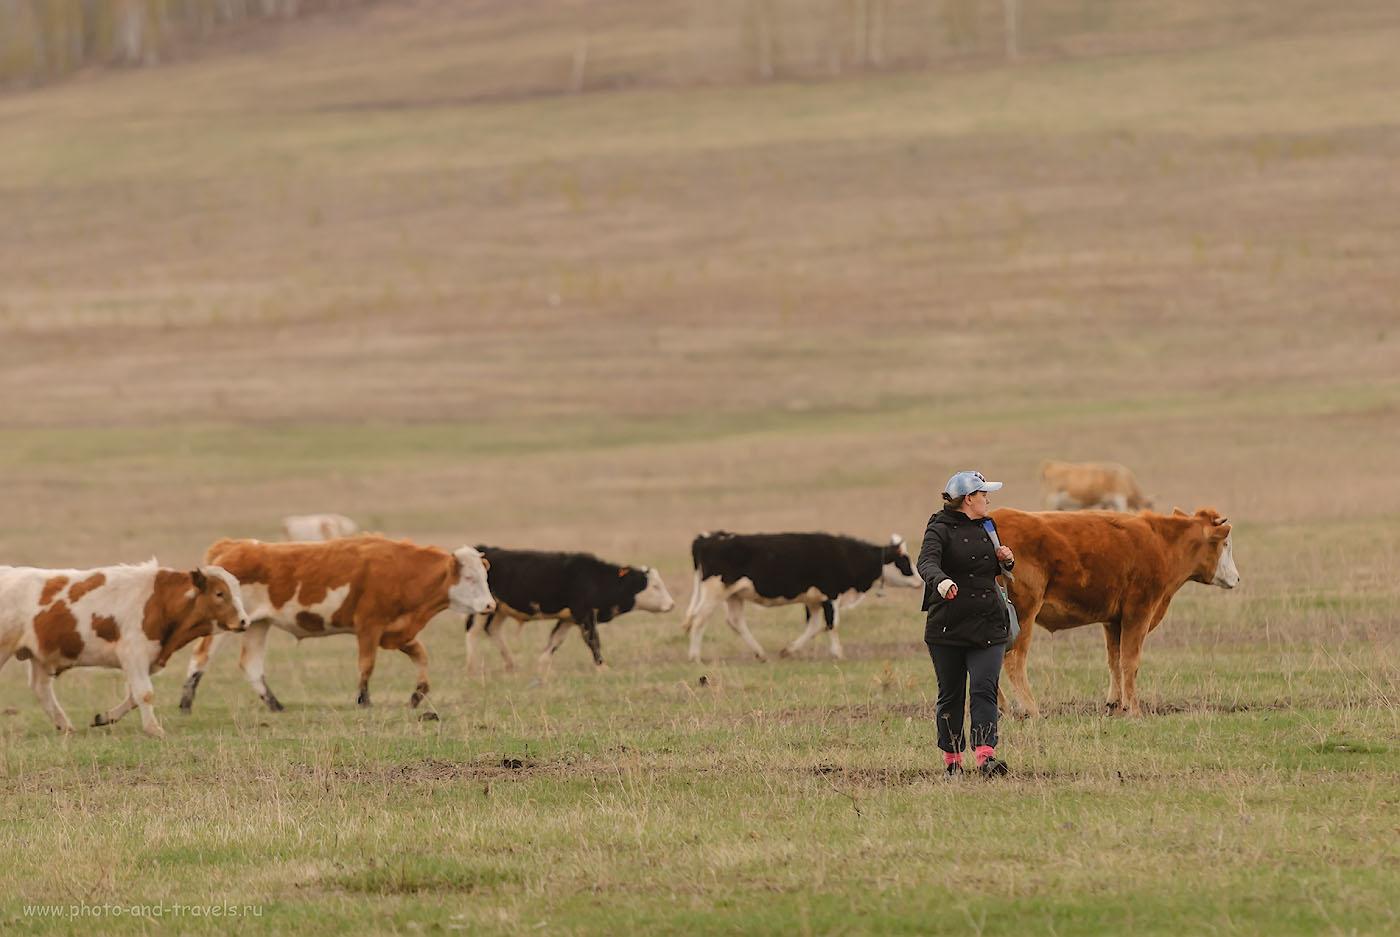 Фотография 45. Решили отдохнуть в Башкирии? Смотрите, чтобы местное бычье не забодало и клещи не выпили всю кровь. 1/320, 2.8, 320, 185.